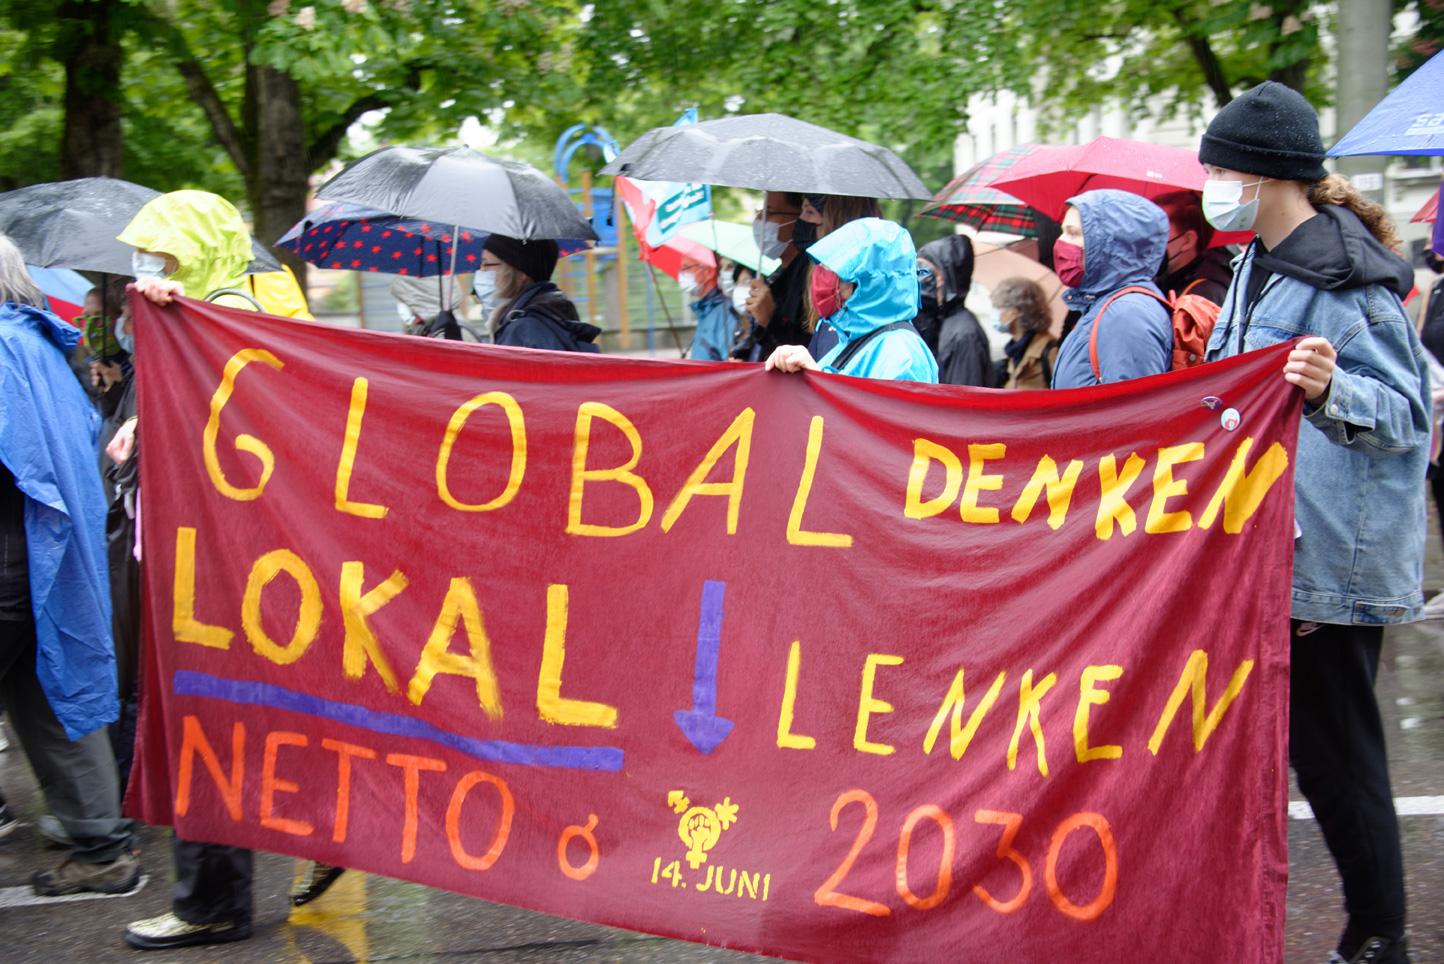 Global denken lokal lenken Netto Null 2030